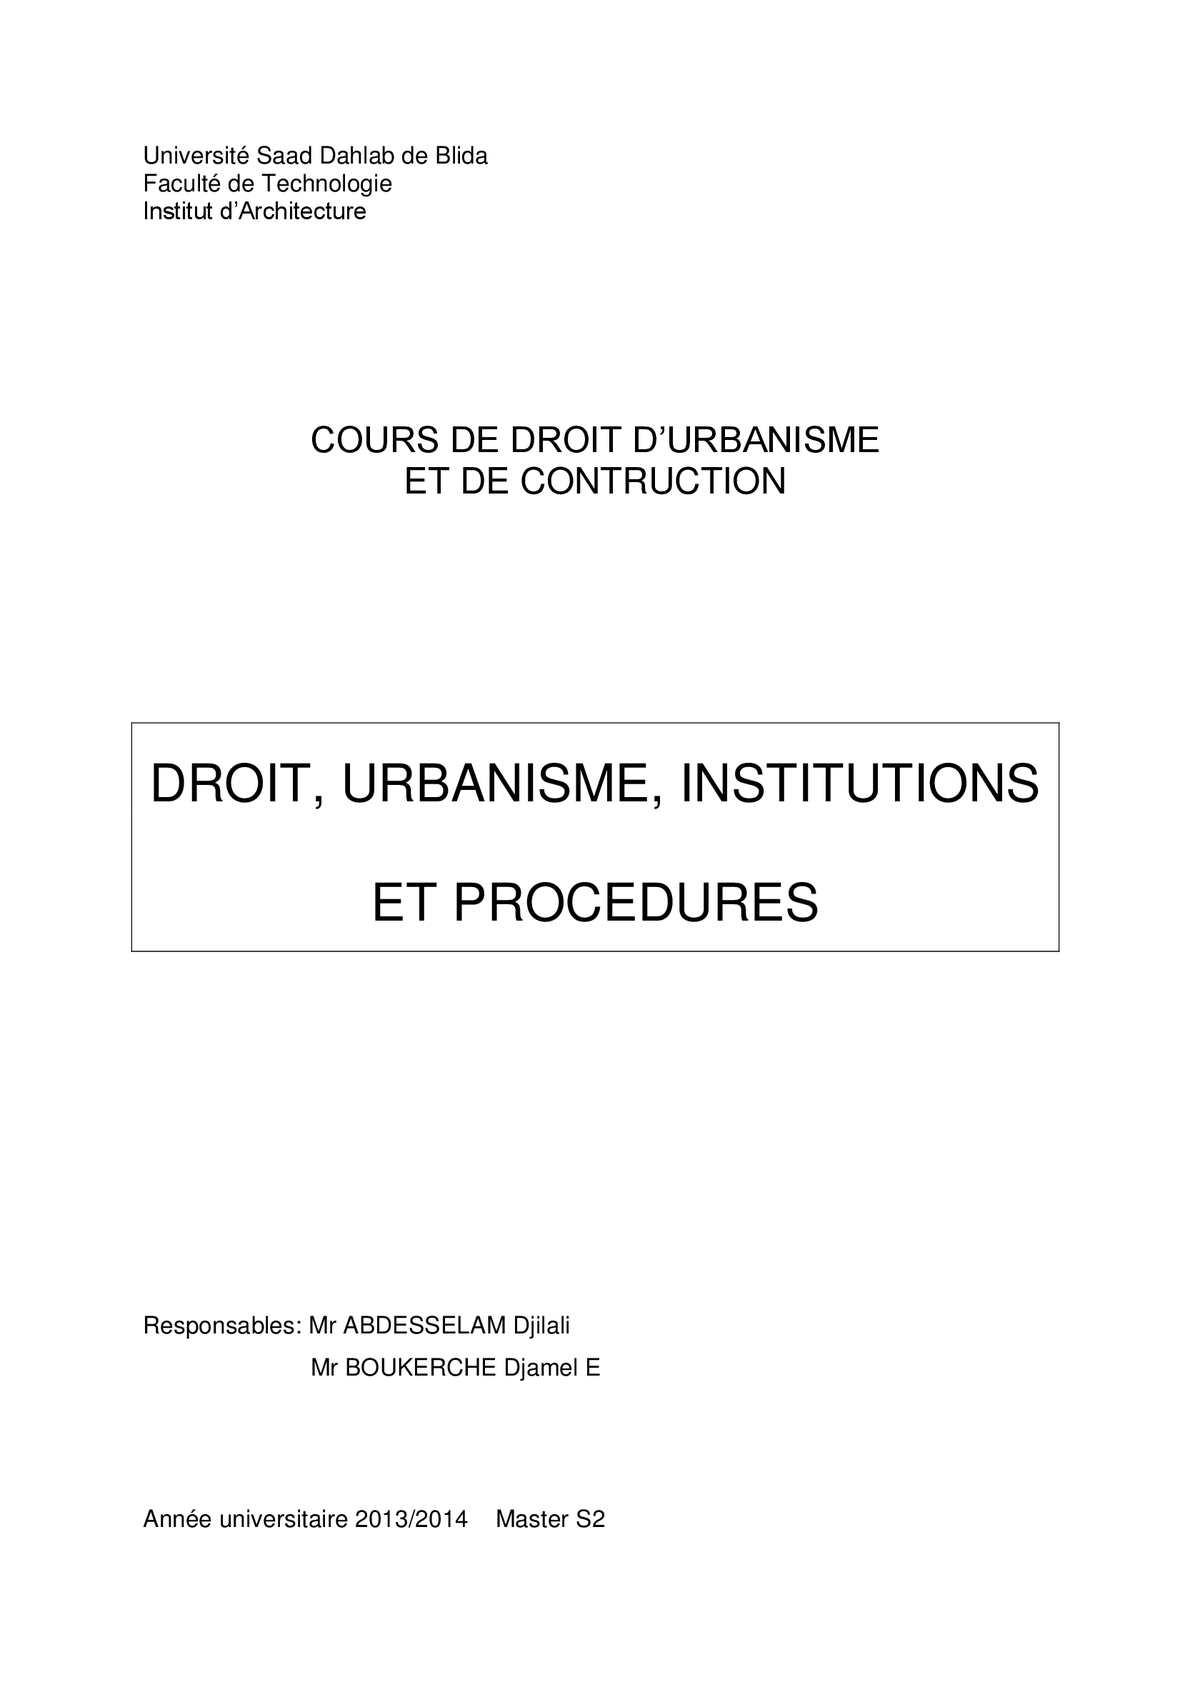 Calam o cours de droit d urbanisme et de contruction for Regle de l urbanisme